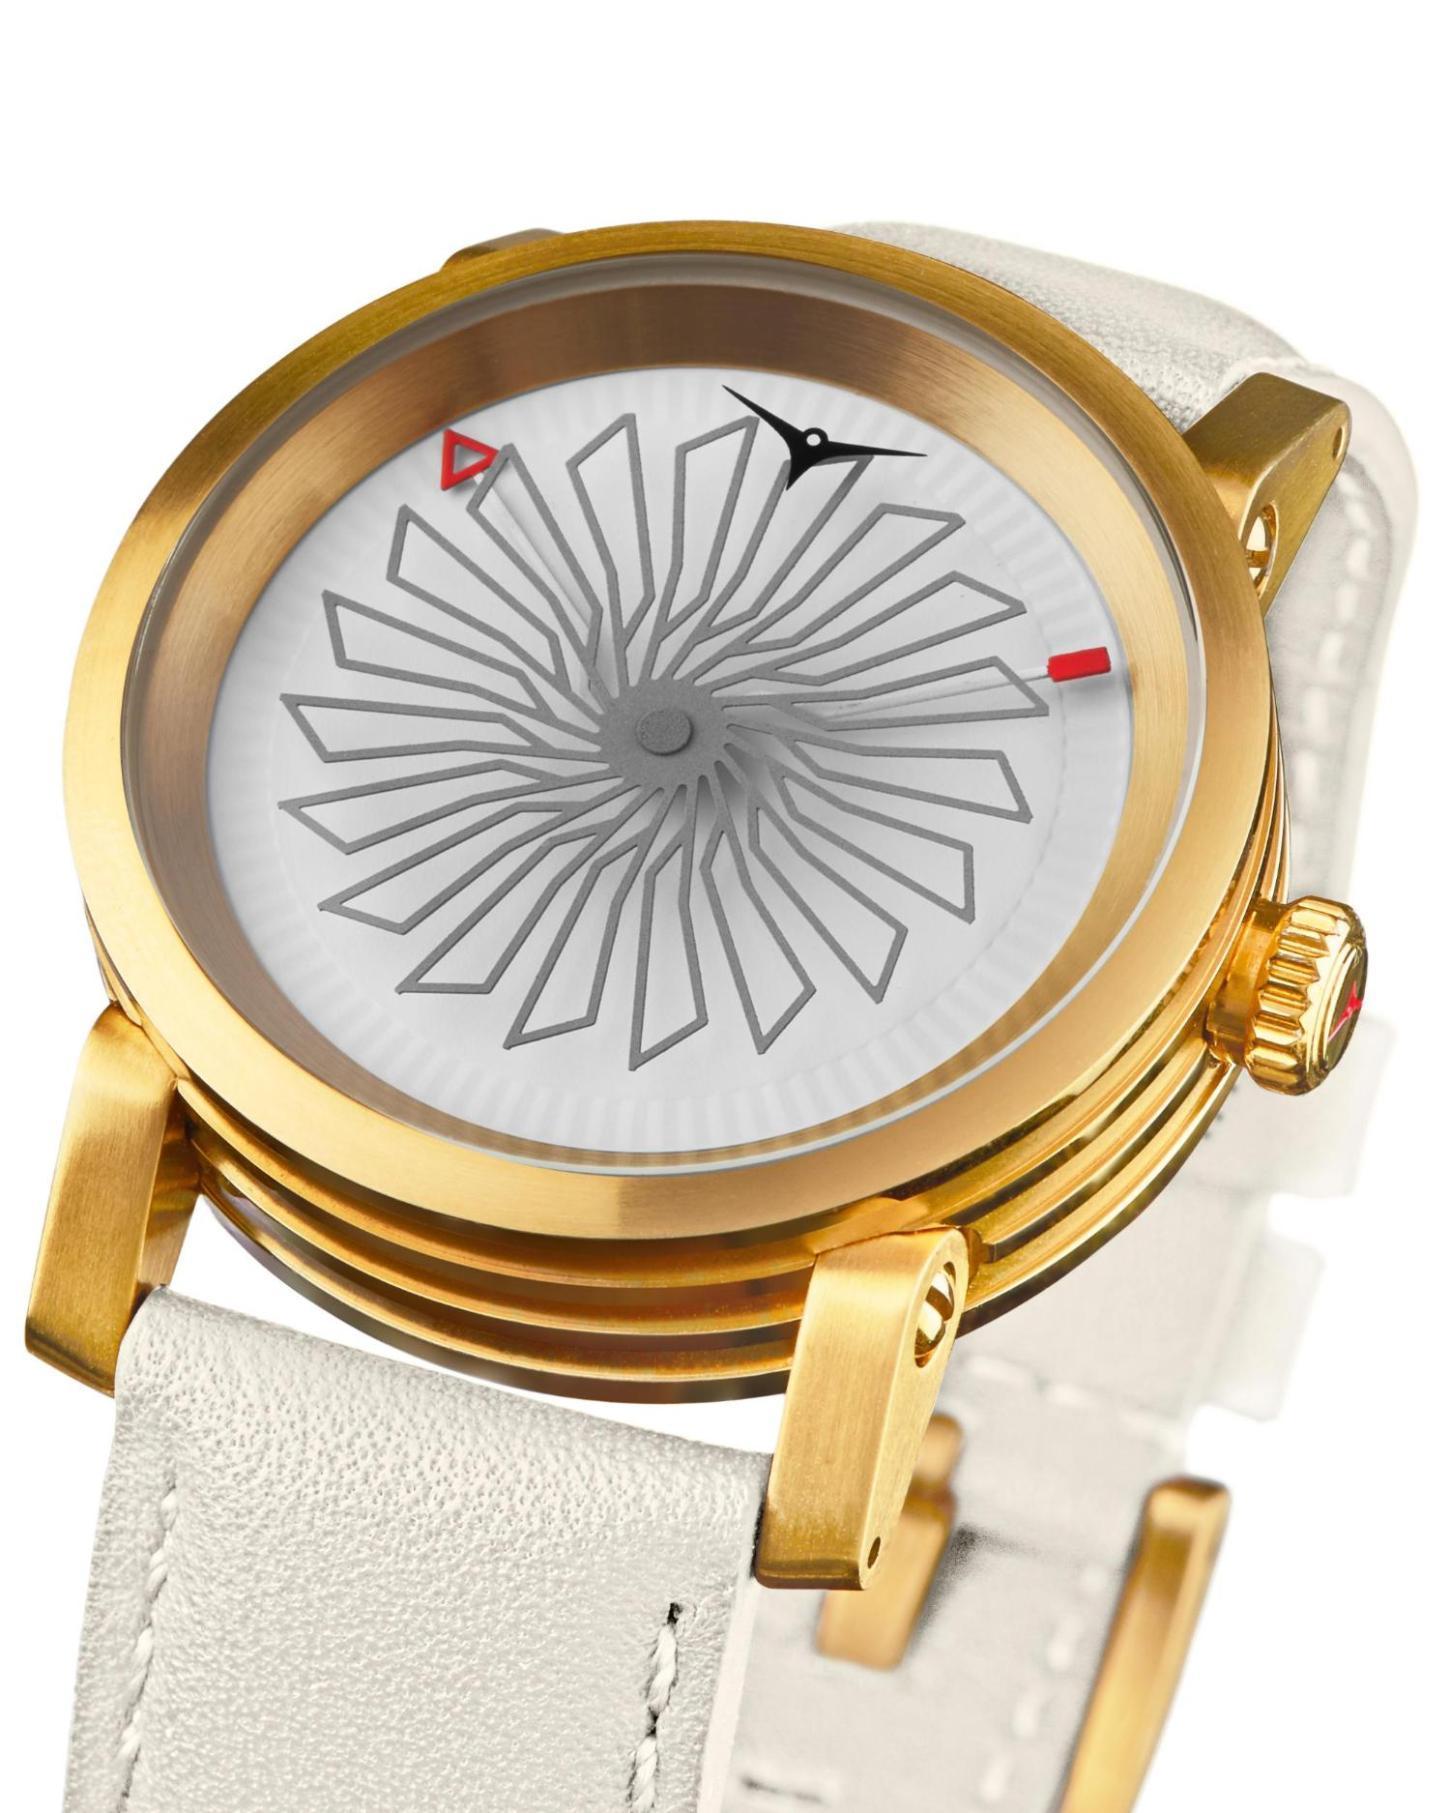 b10b7b25 ... Купить Женские наручные часы Zinvo Blade Allure 00BALLR-26 по доступной  цене ...